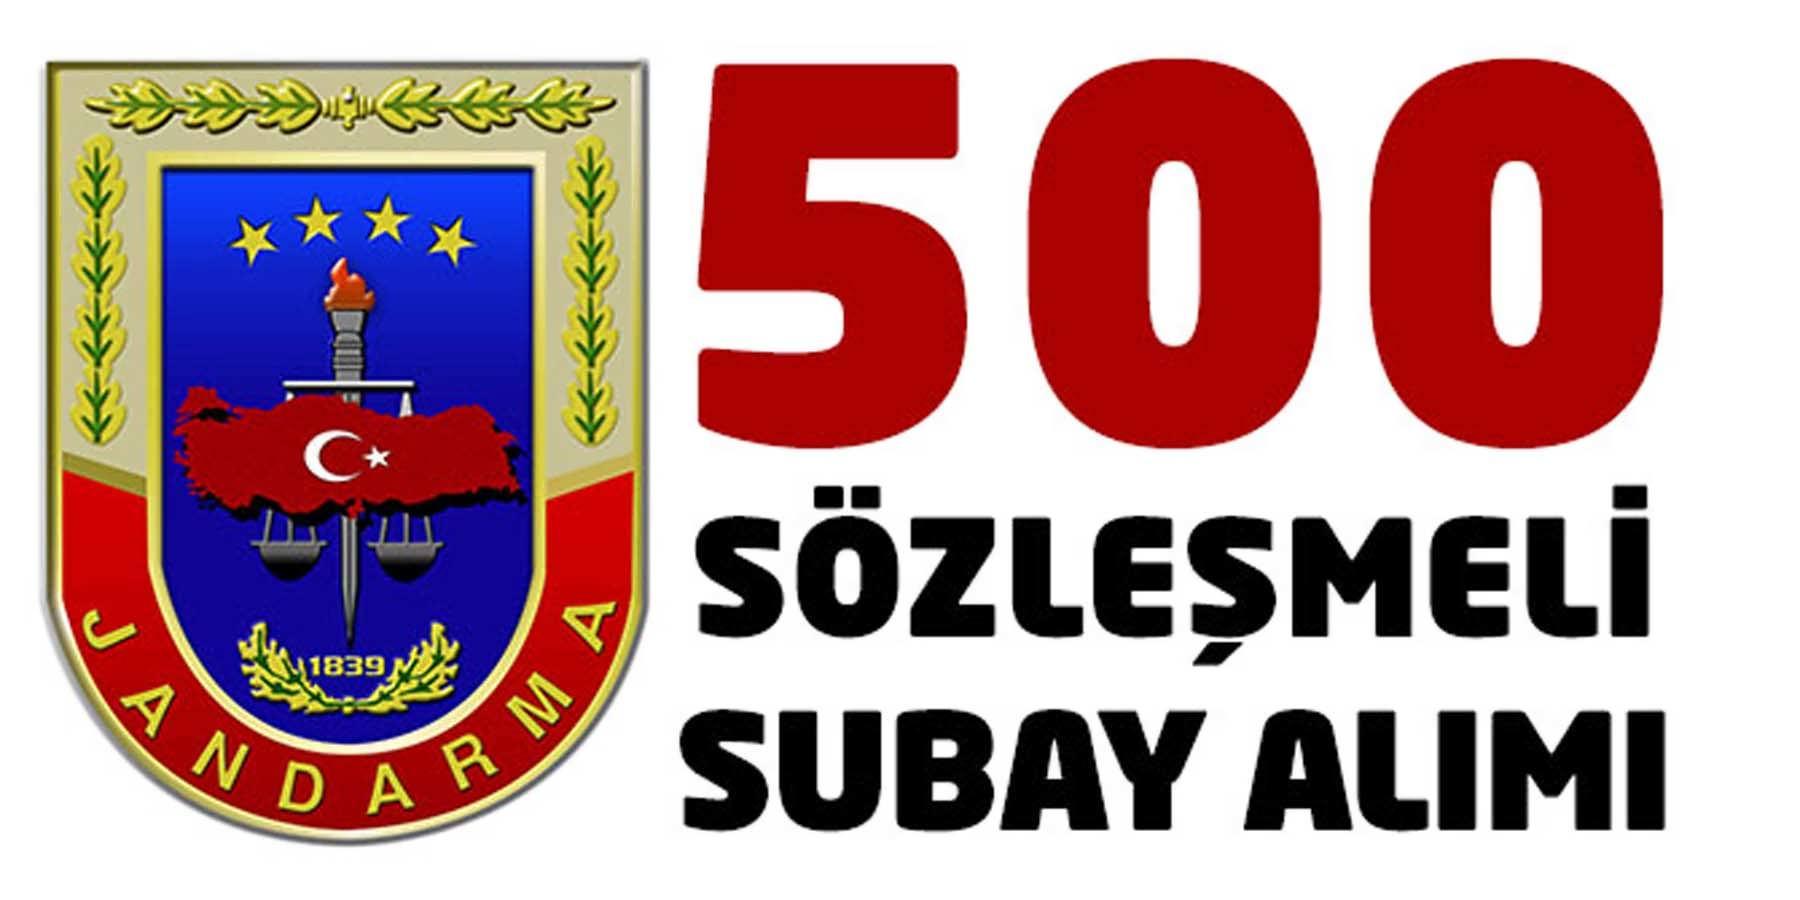 JGK Bay Bayan 2018 Yılı 500 Subay Alımı